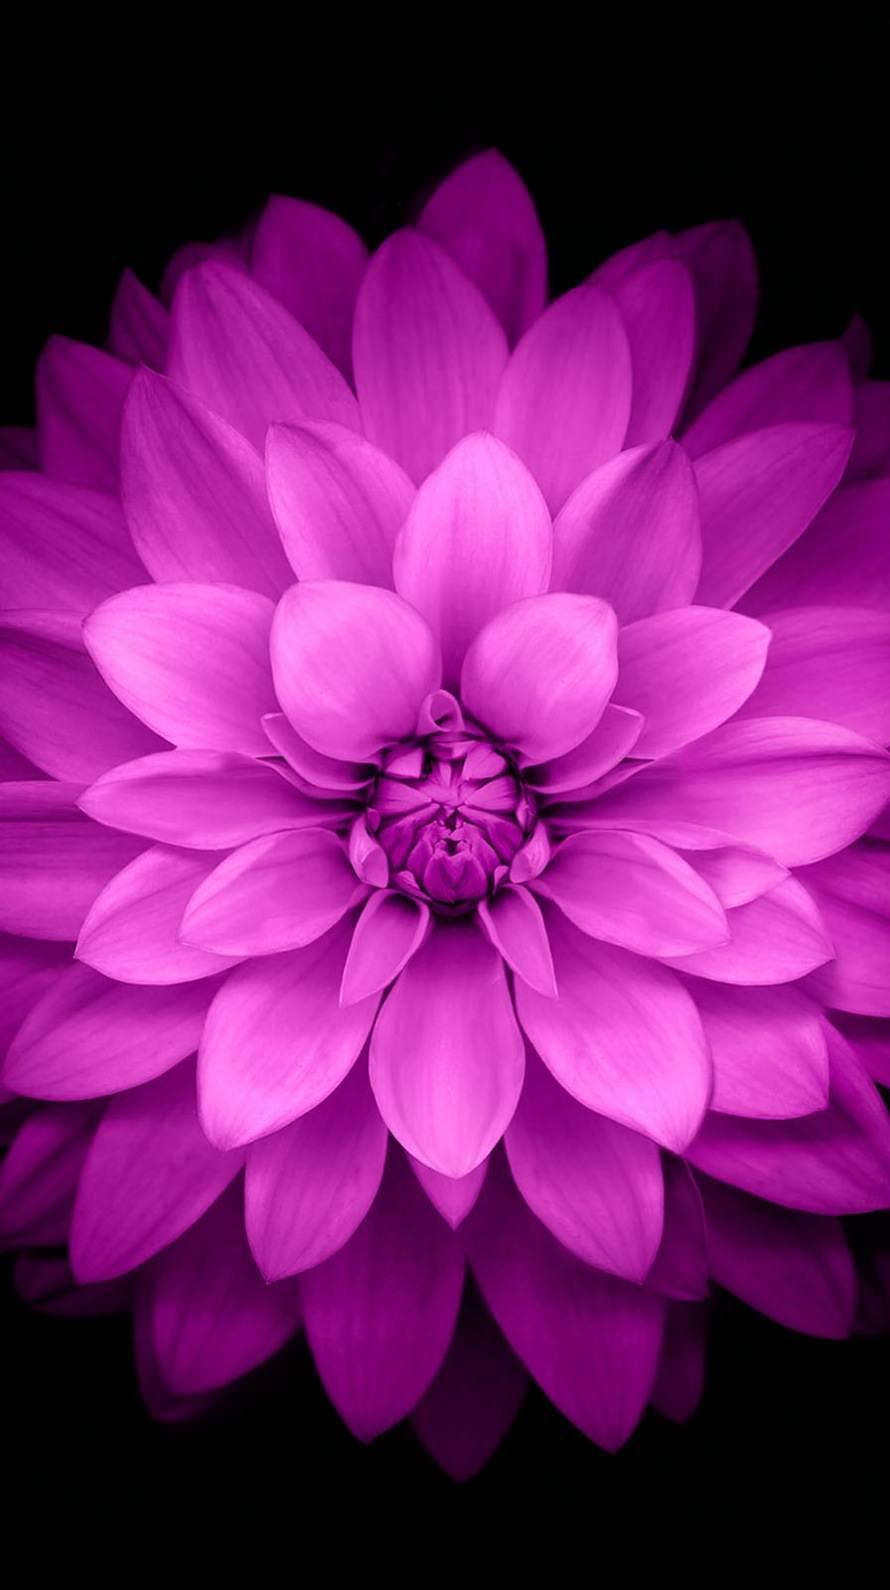 Ablackflowerflowerspurple Iphone 6s 6 Wallpaper